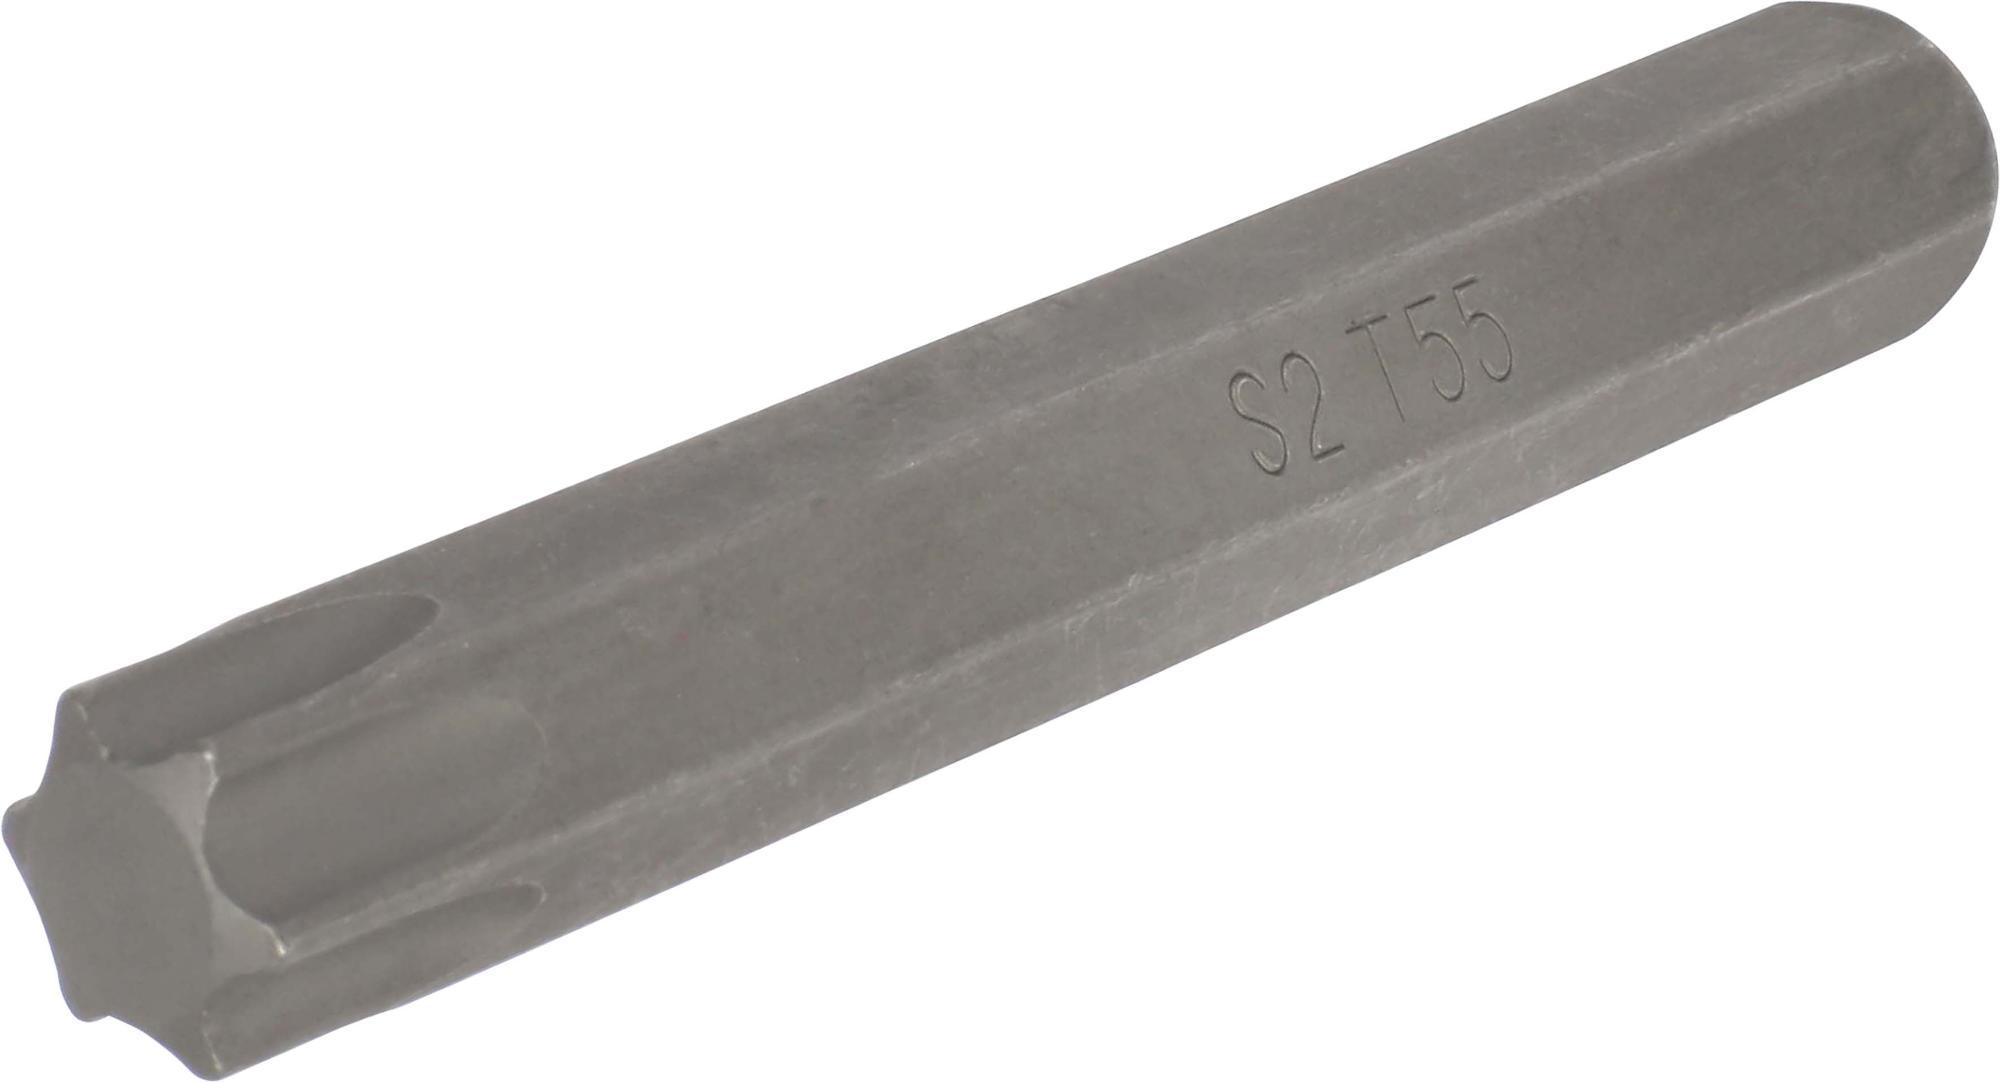 Bit, 10 mm 6-hran, TORX T55x75 mm